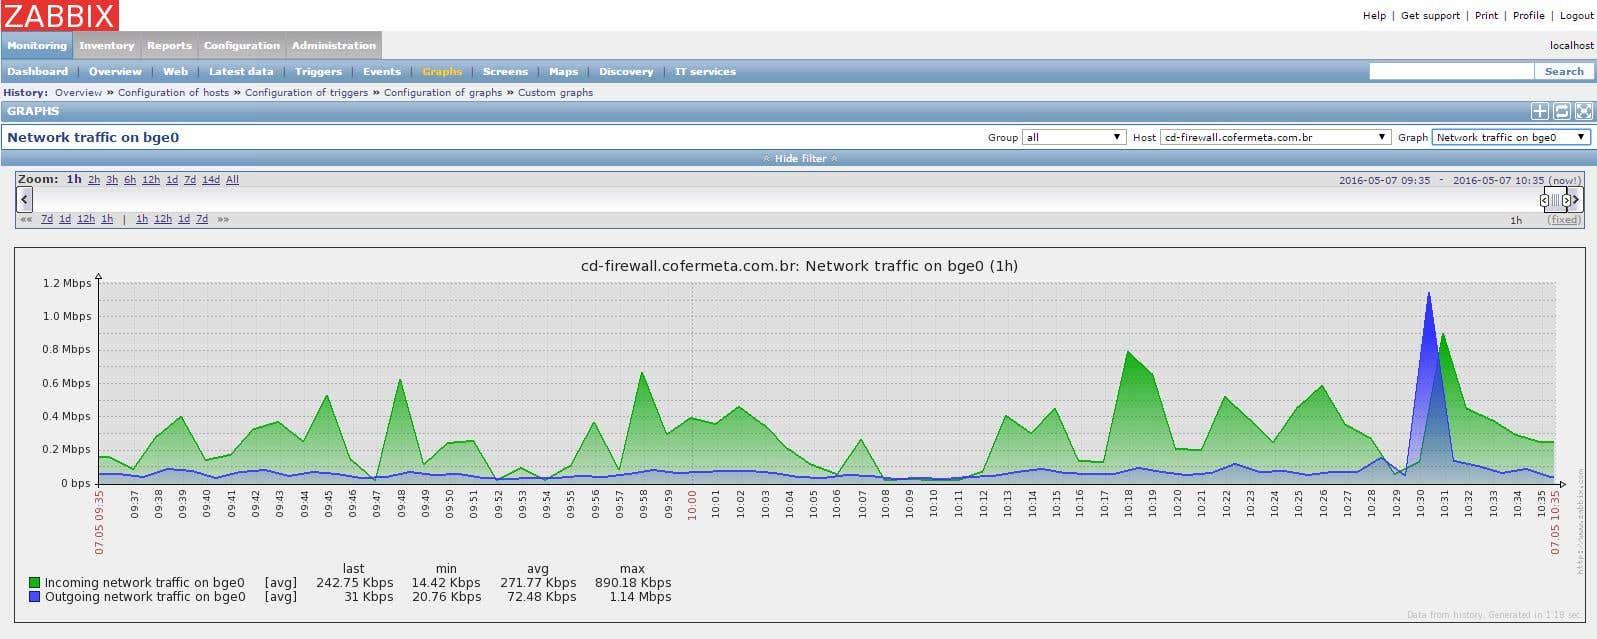 Zabbix Application Monitoring